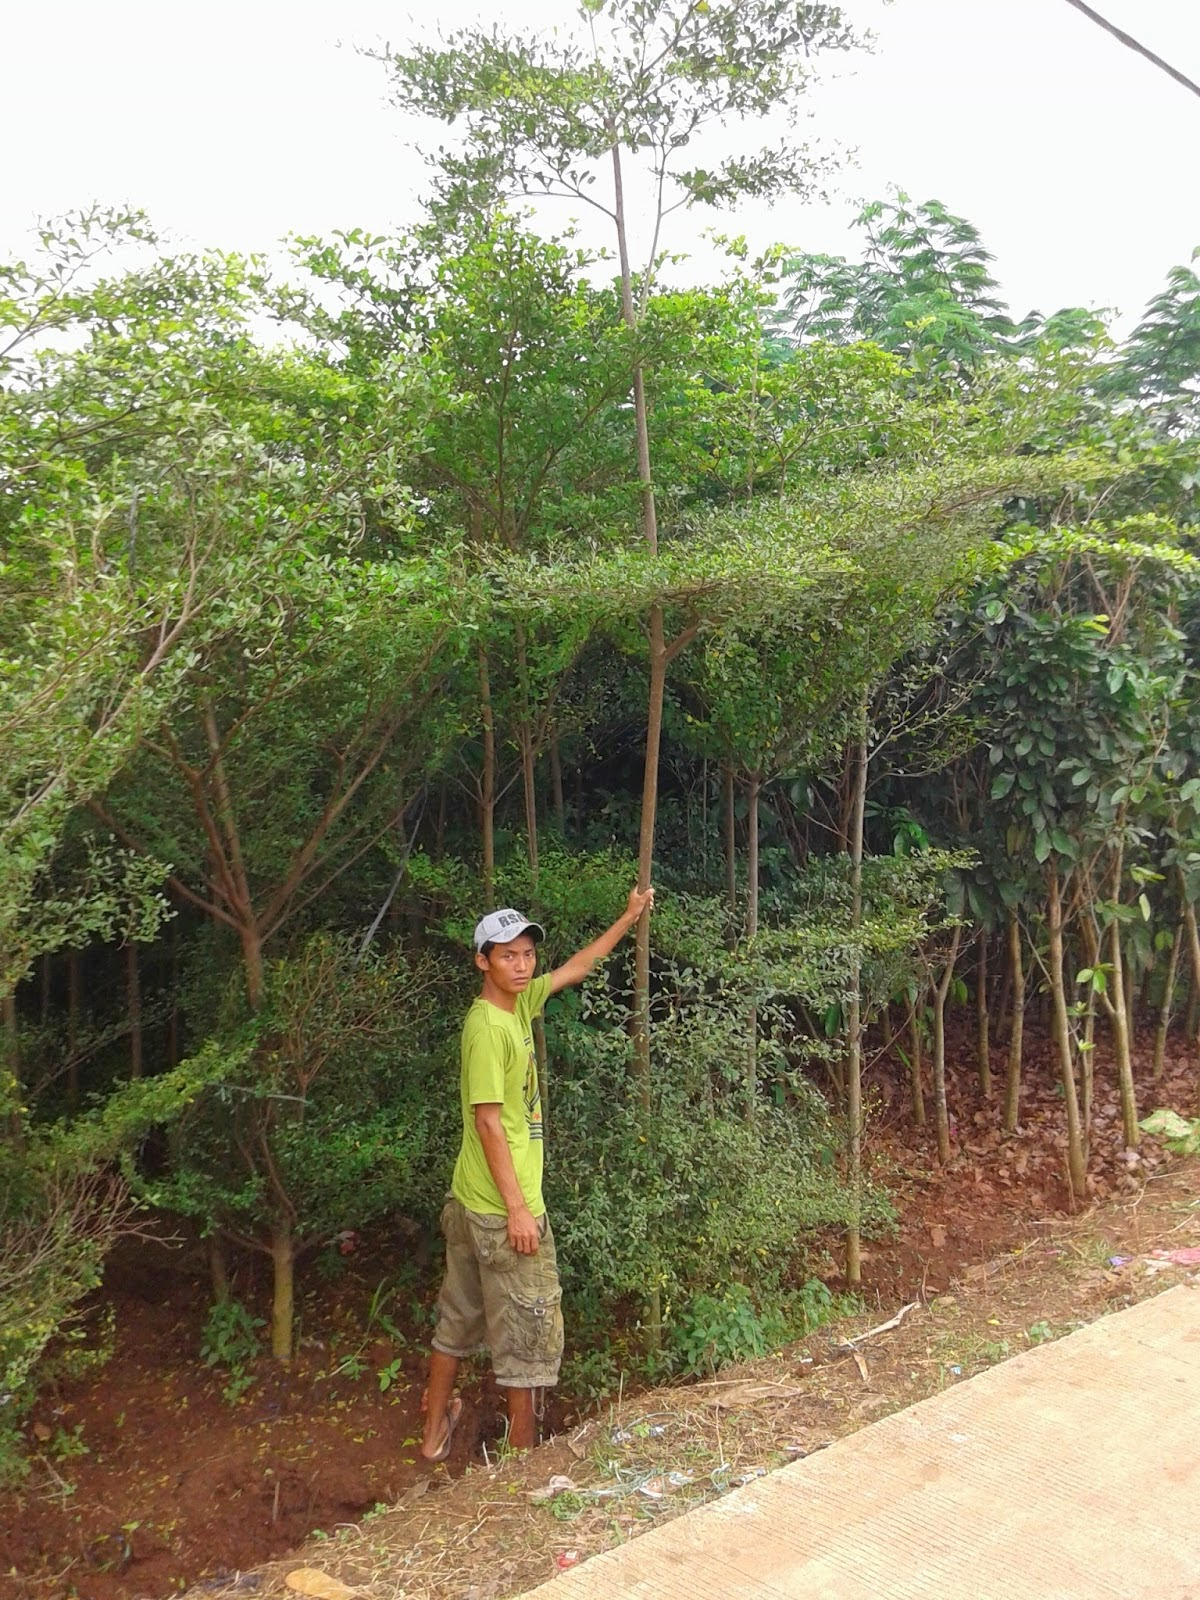 Jual Pohon Ketapang Kencana Murah | Pohon Pelindung Peneduh